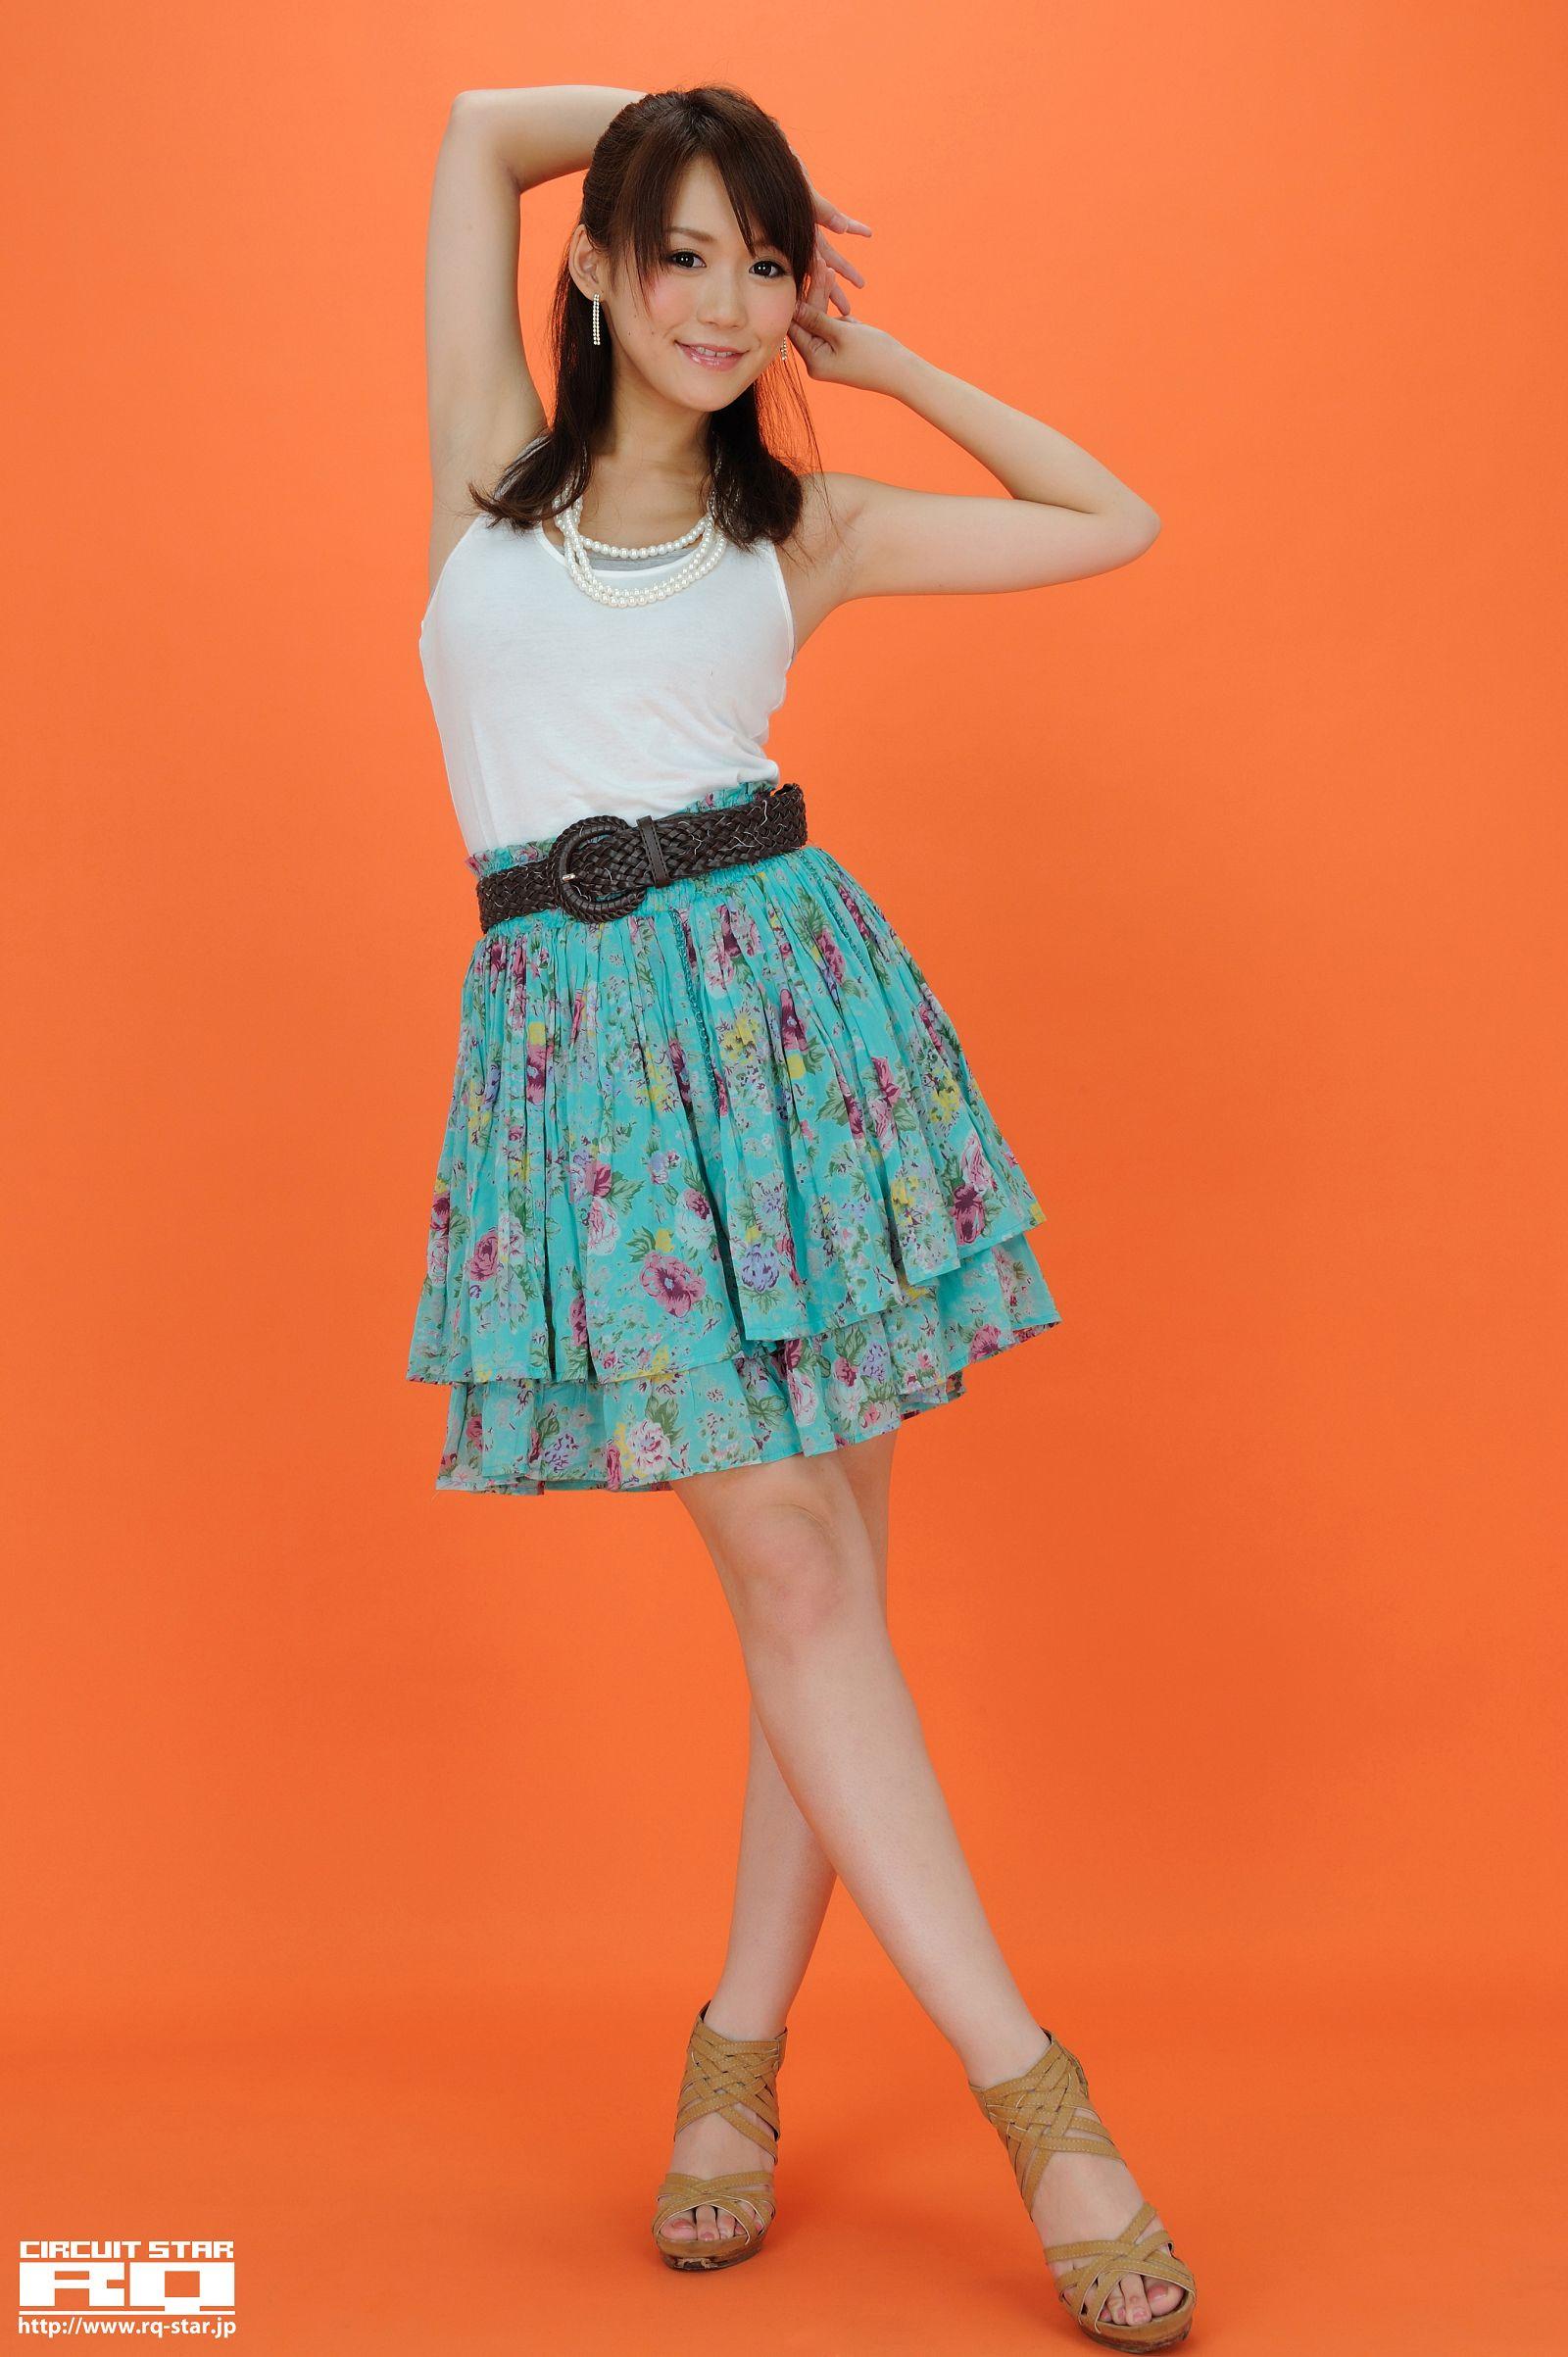 [RQ STAR美女] NO.00534 Yumi 優実 – Private Dress[60P] RQ STAR 第2张